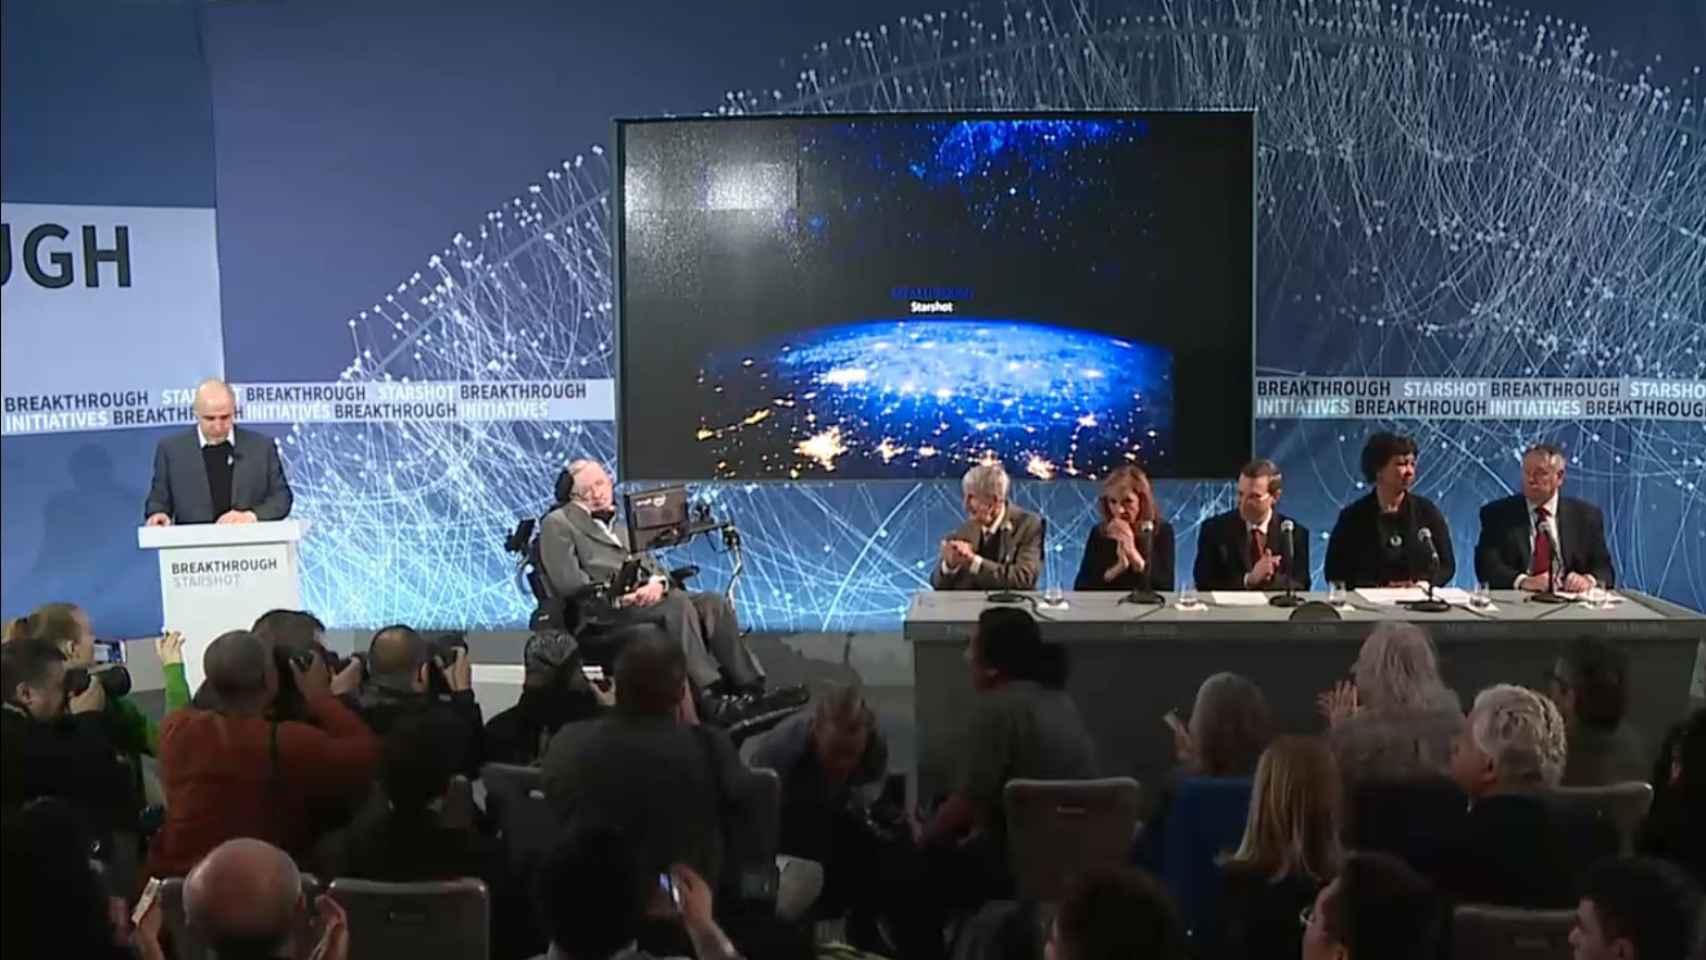 Milner y Hawking, durante la presentación.